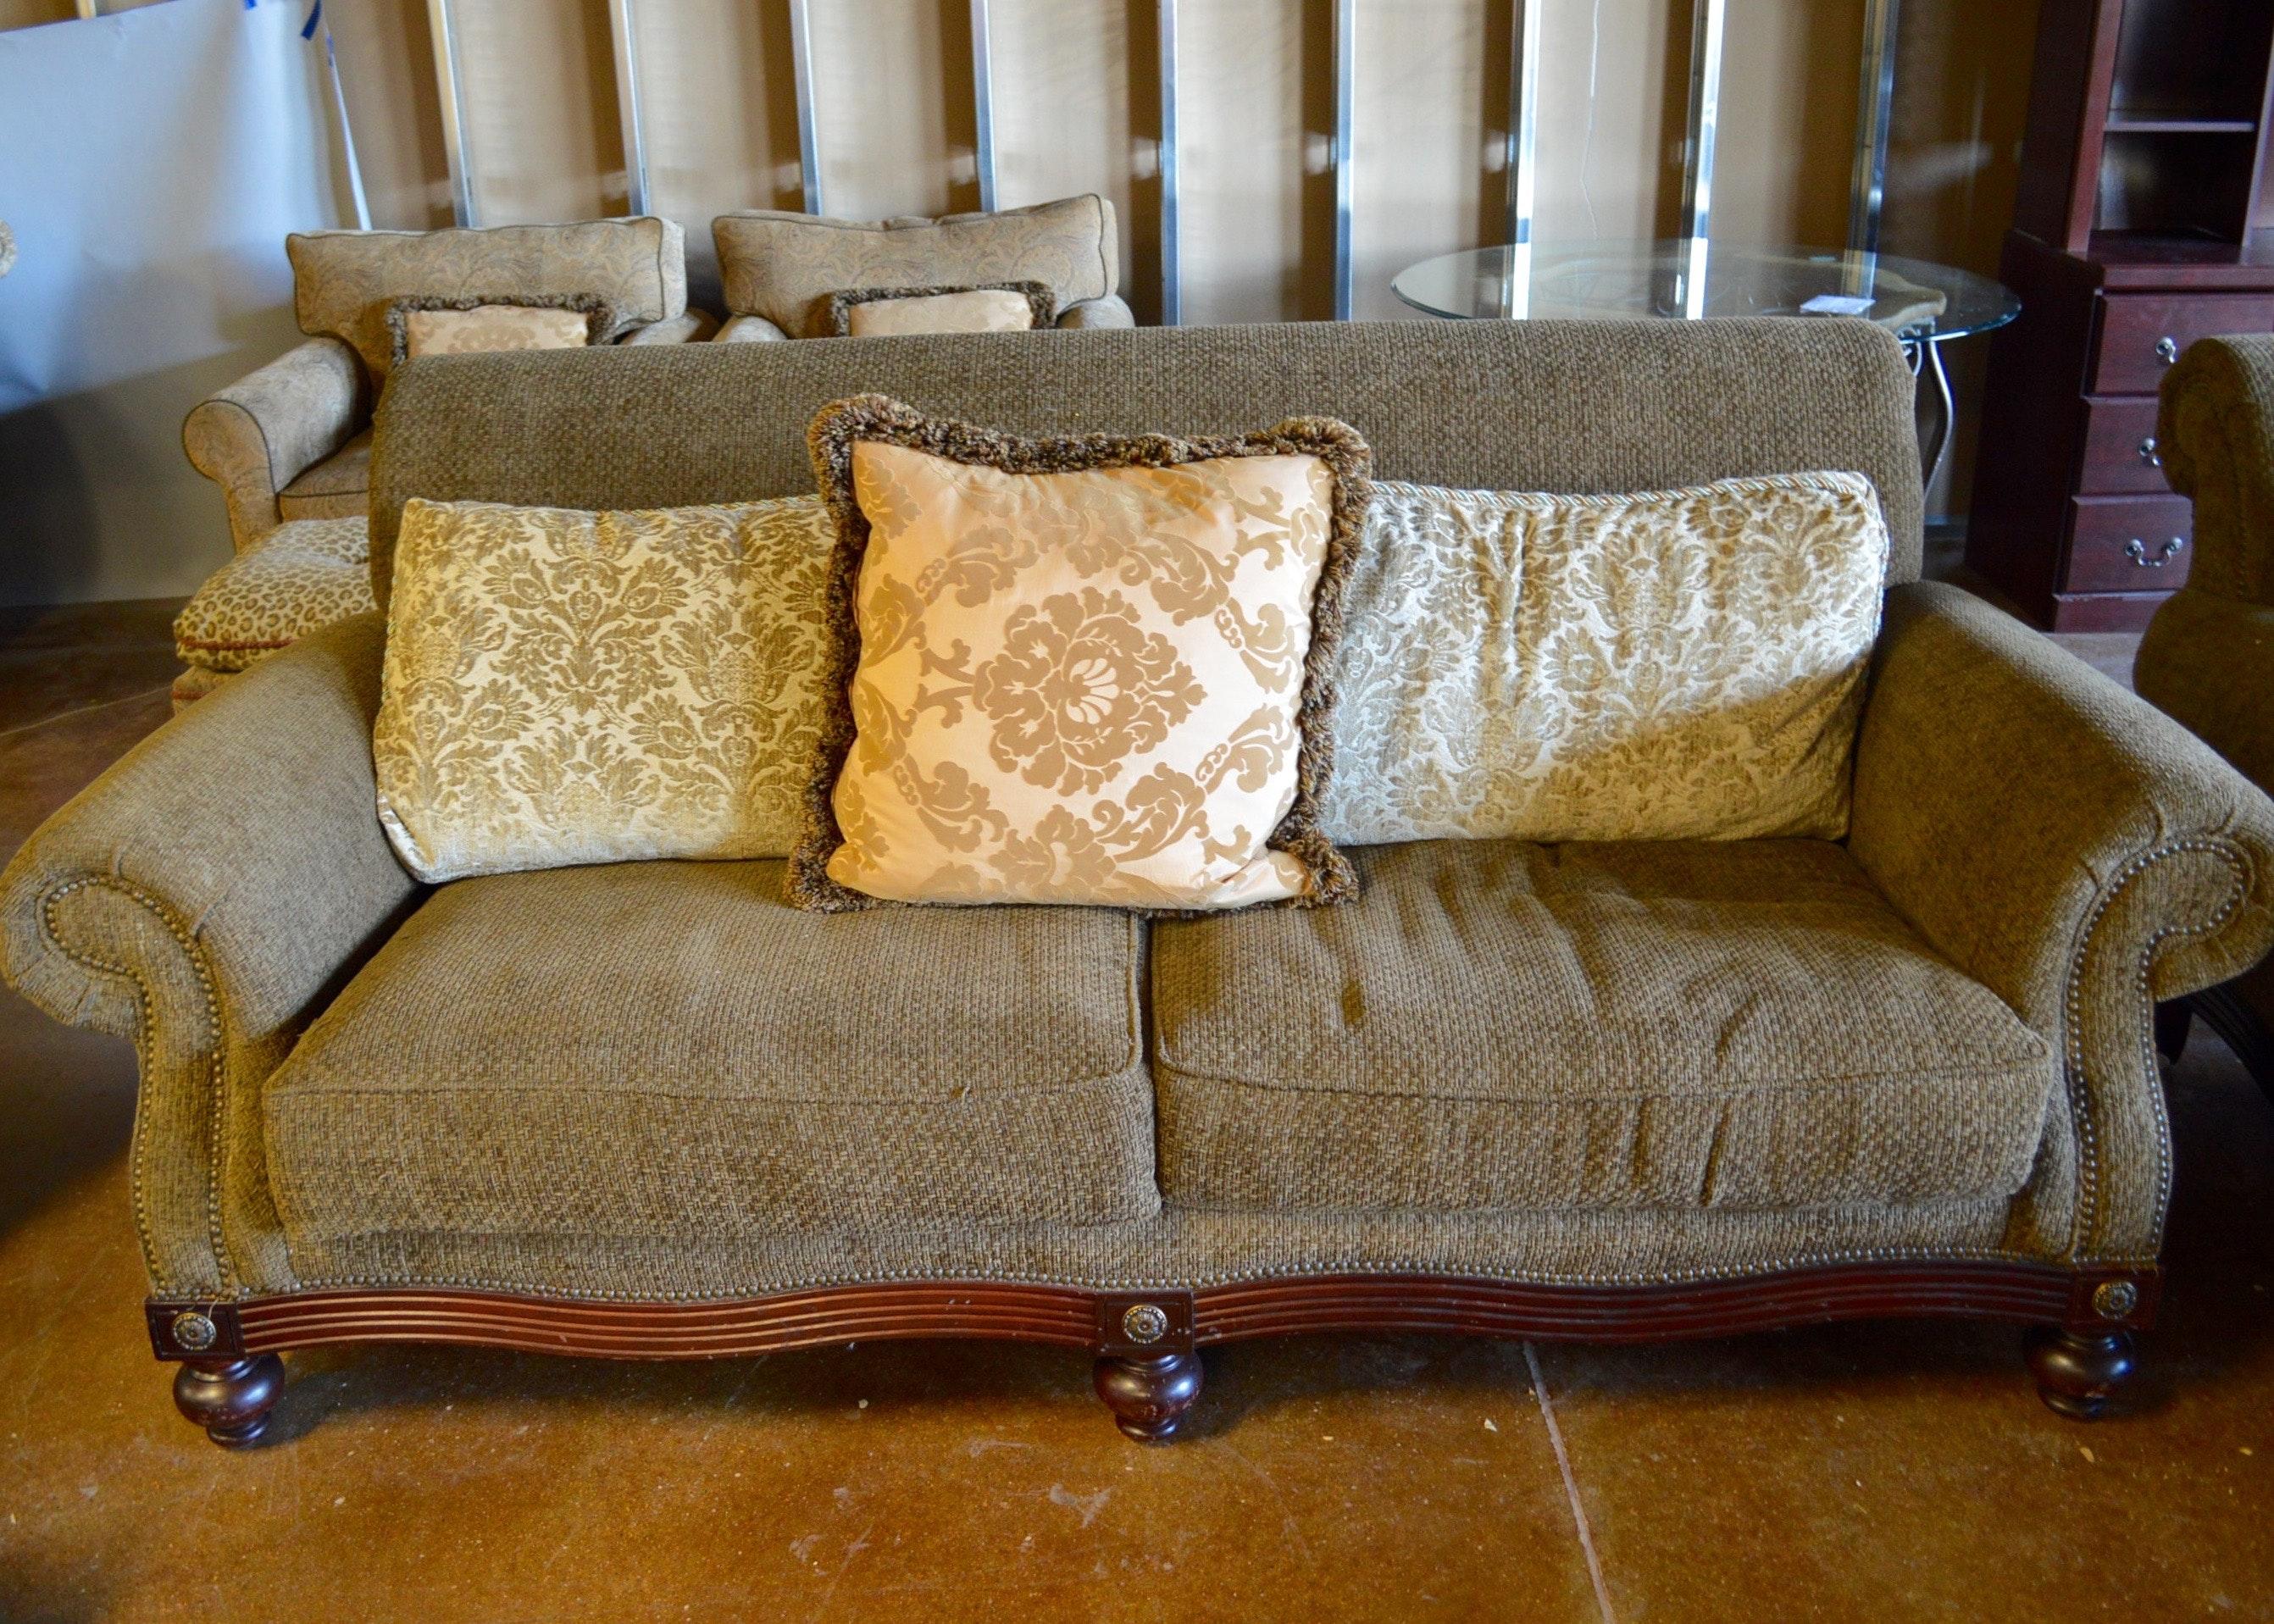 Broyhill Two Cushion Sofa Ebth: One Cushion Sofas By Broyhill